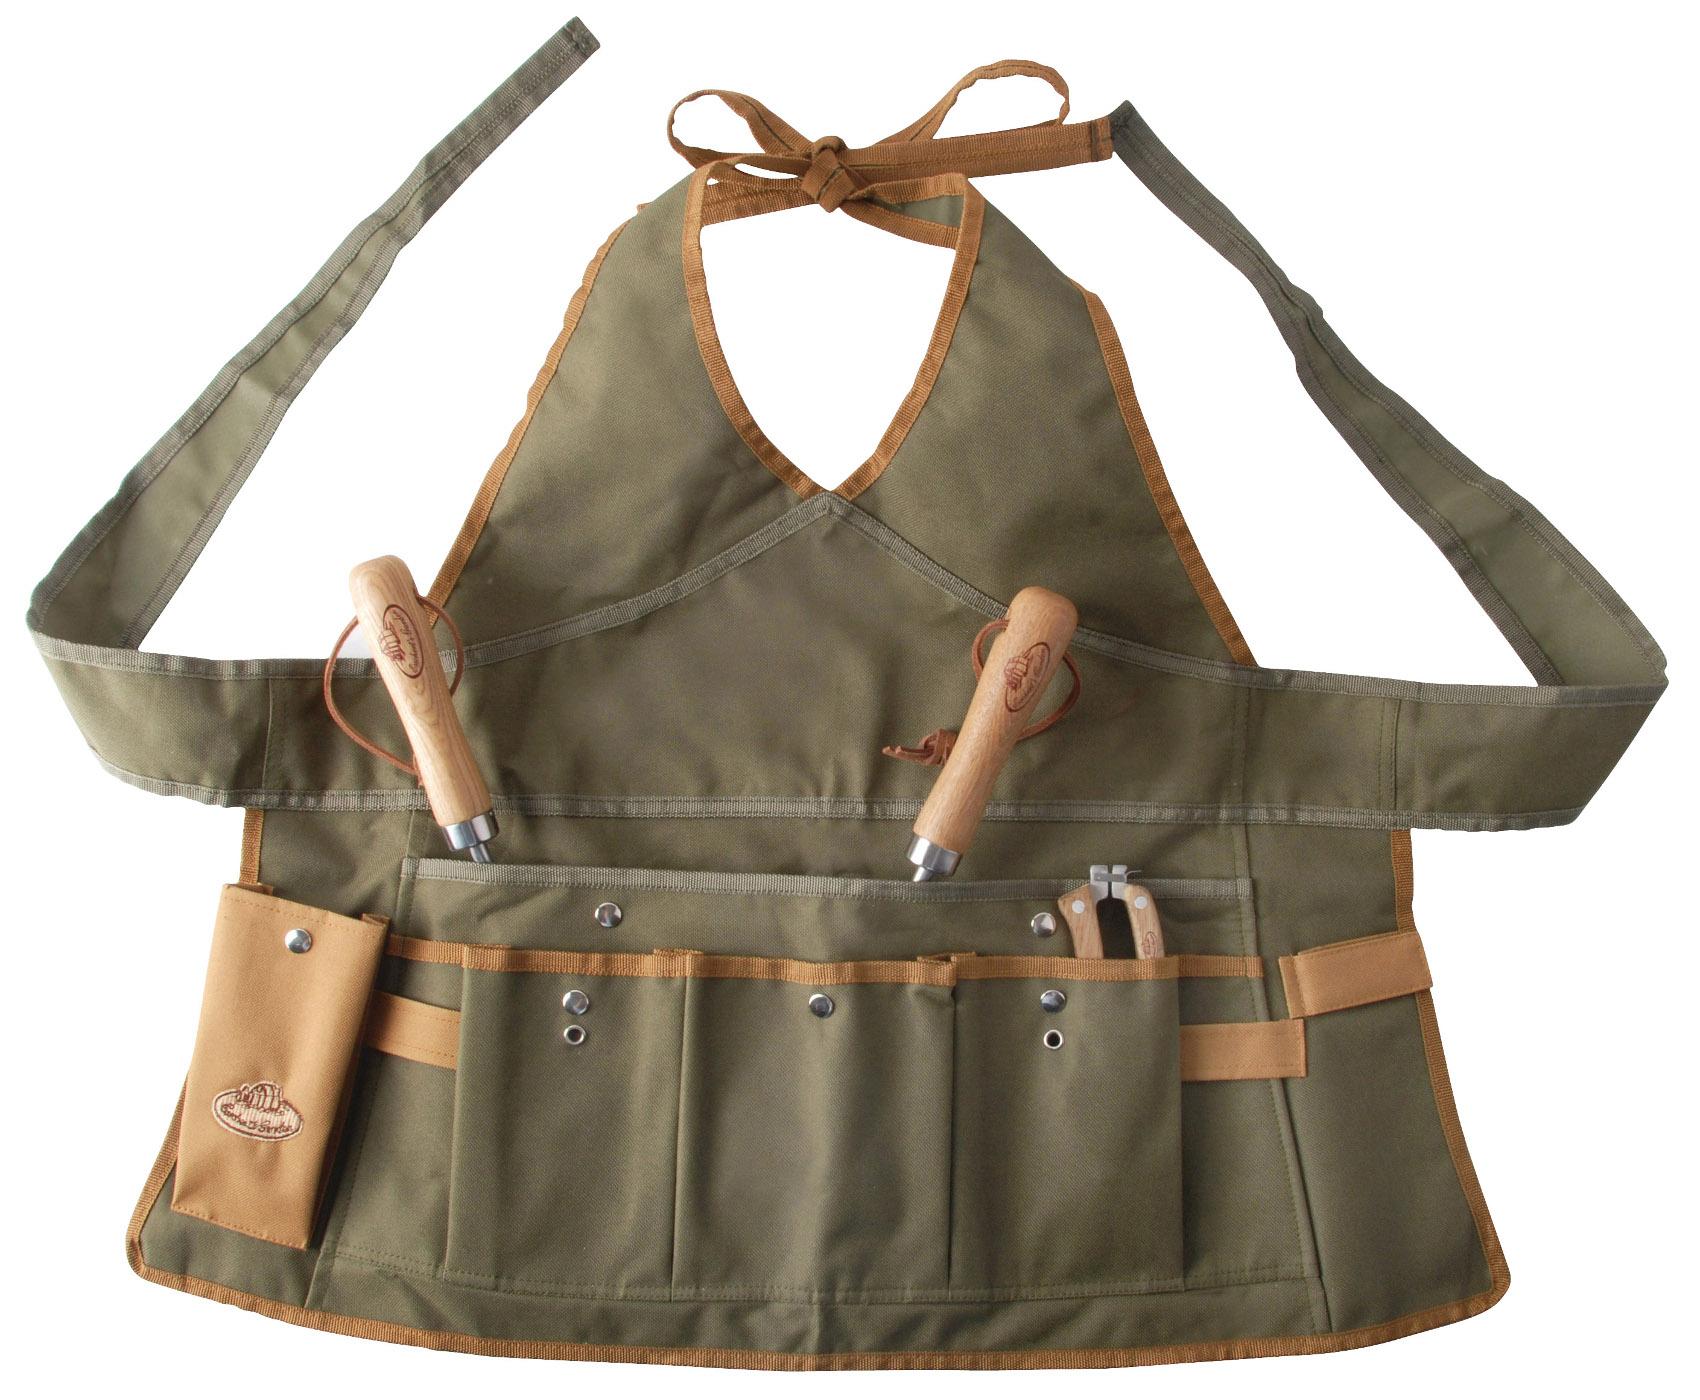 Khaki & Brown Gardening Set Tool Stool Kneeling Pad & Womens Apron ...